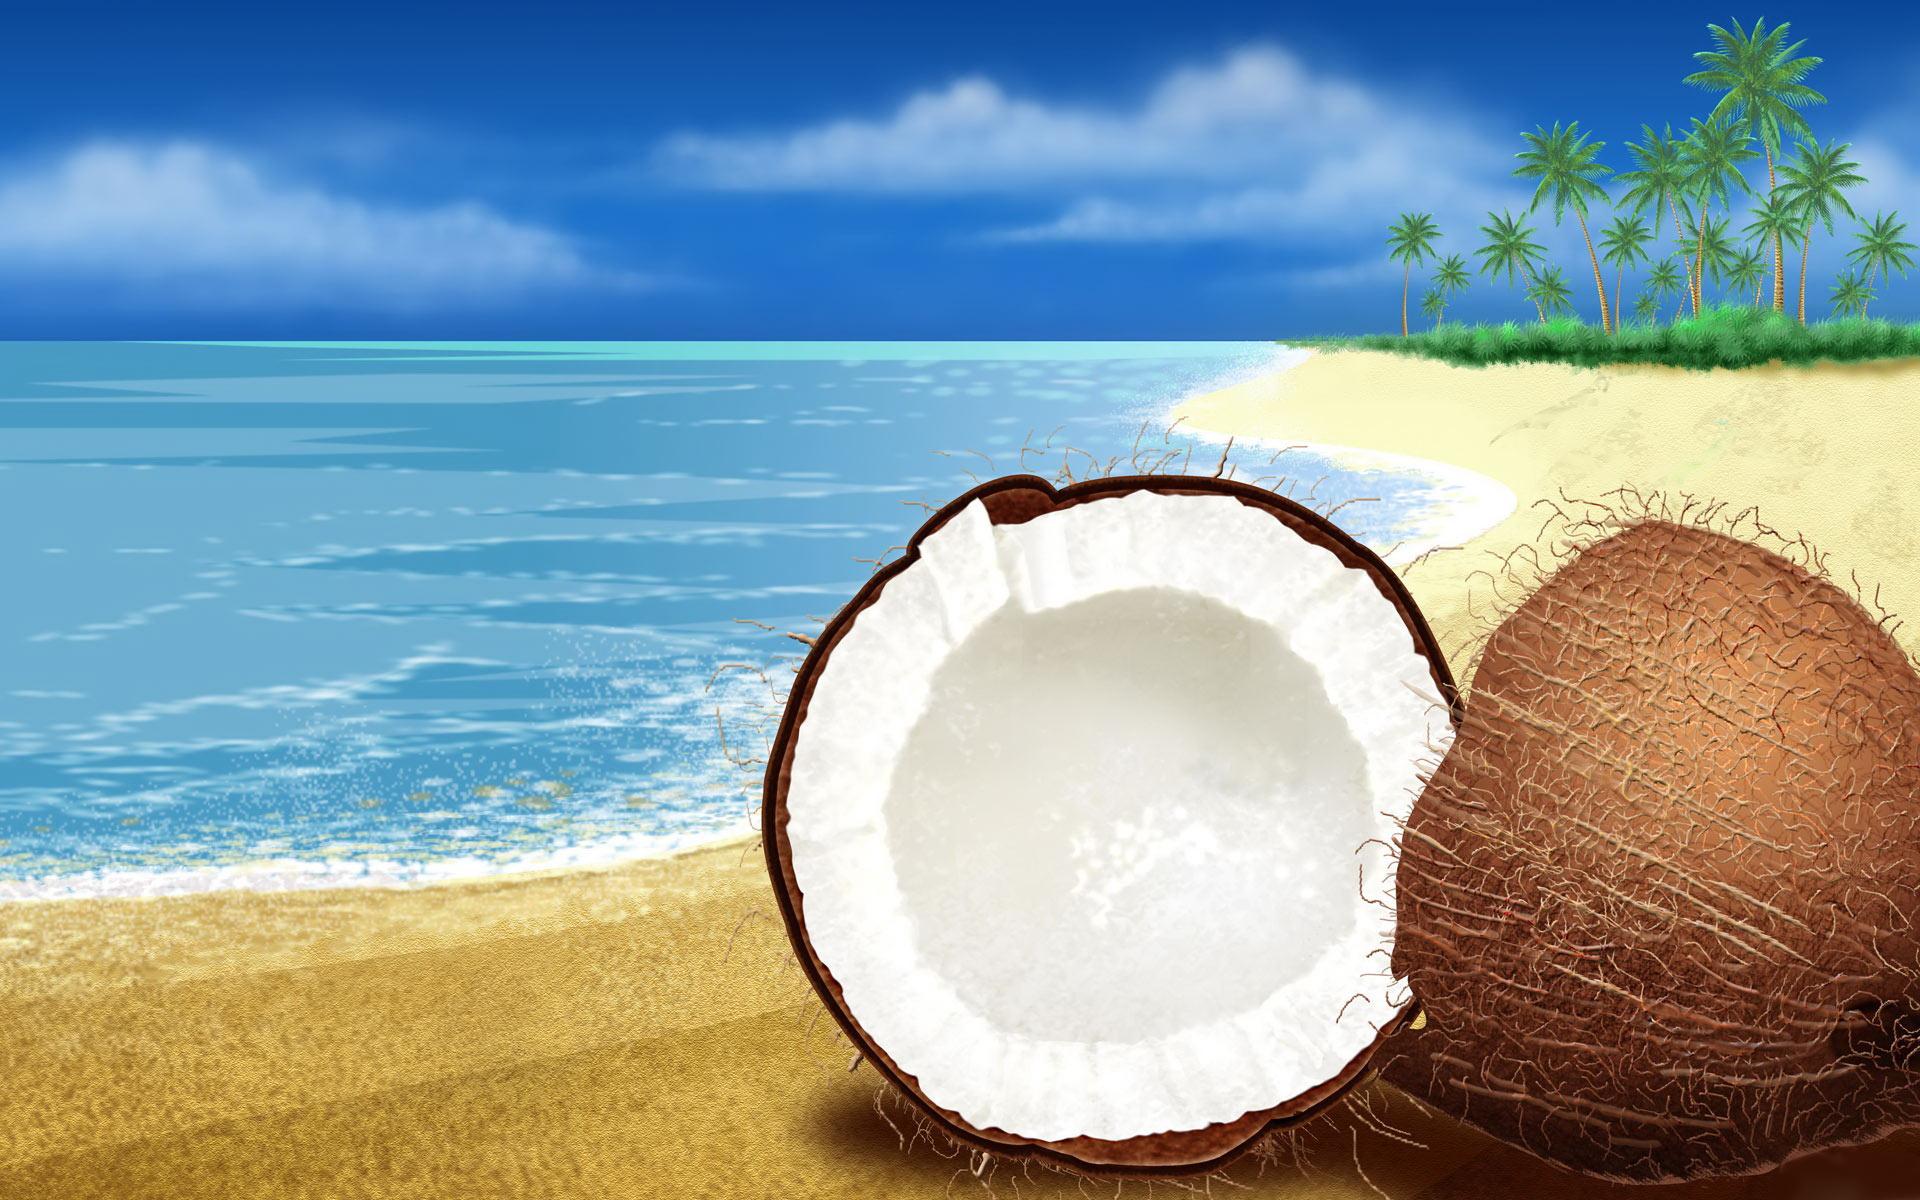 lekovitost kokosovog ulja